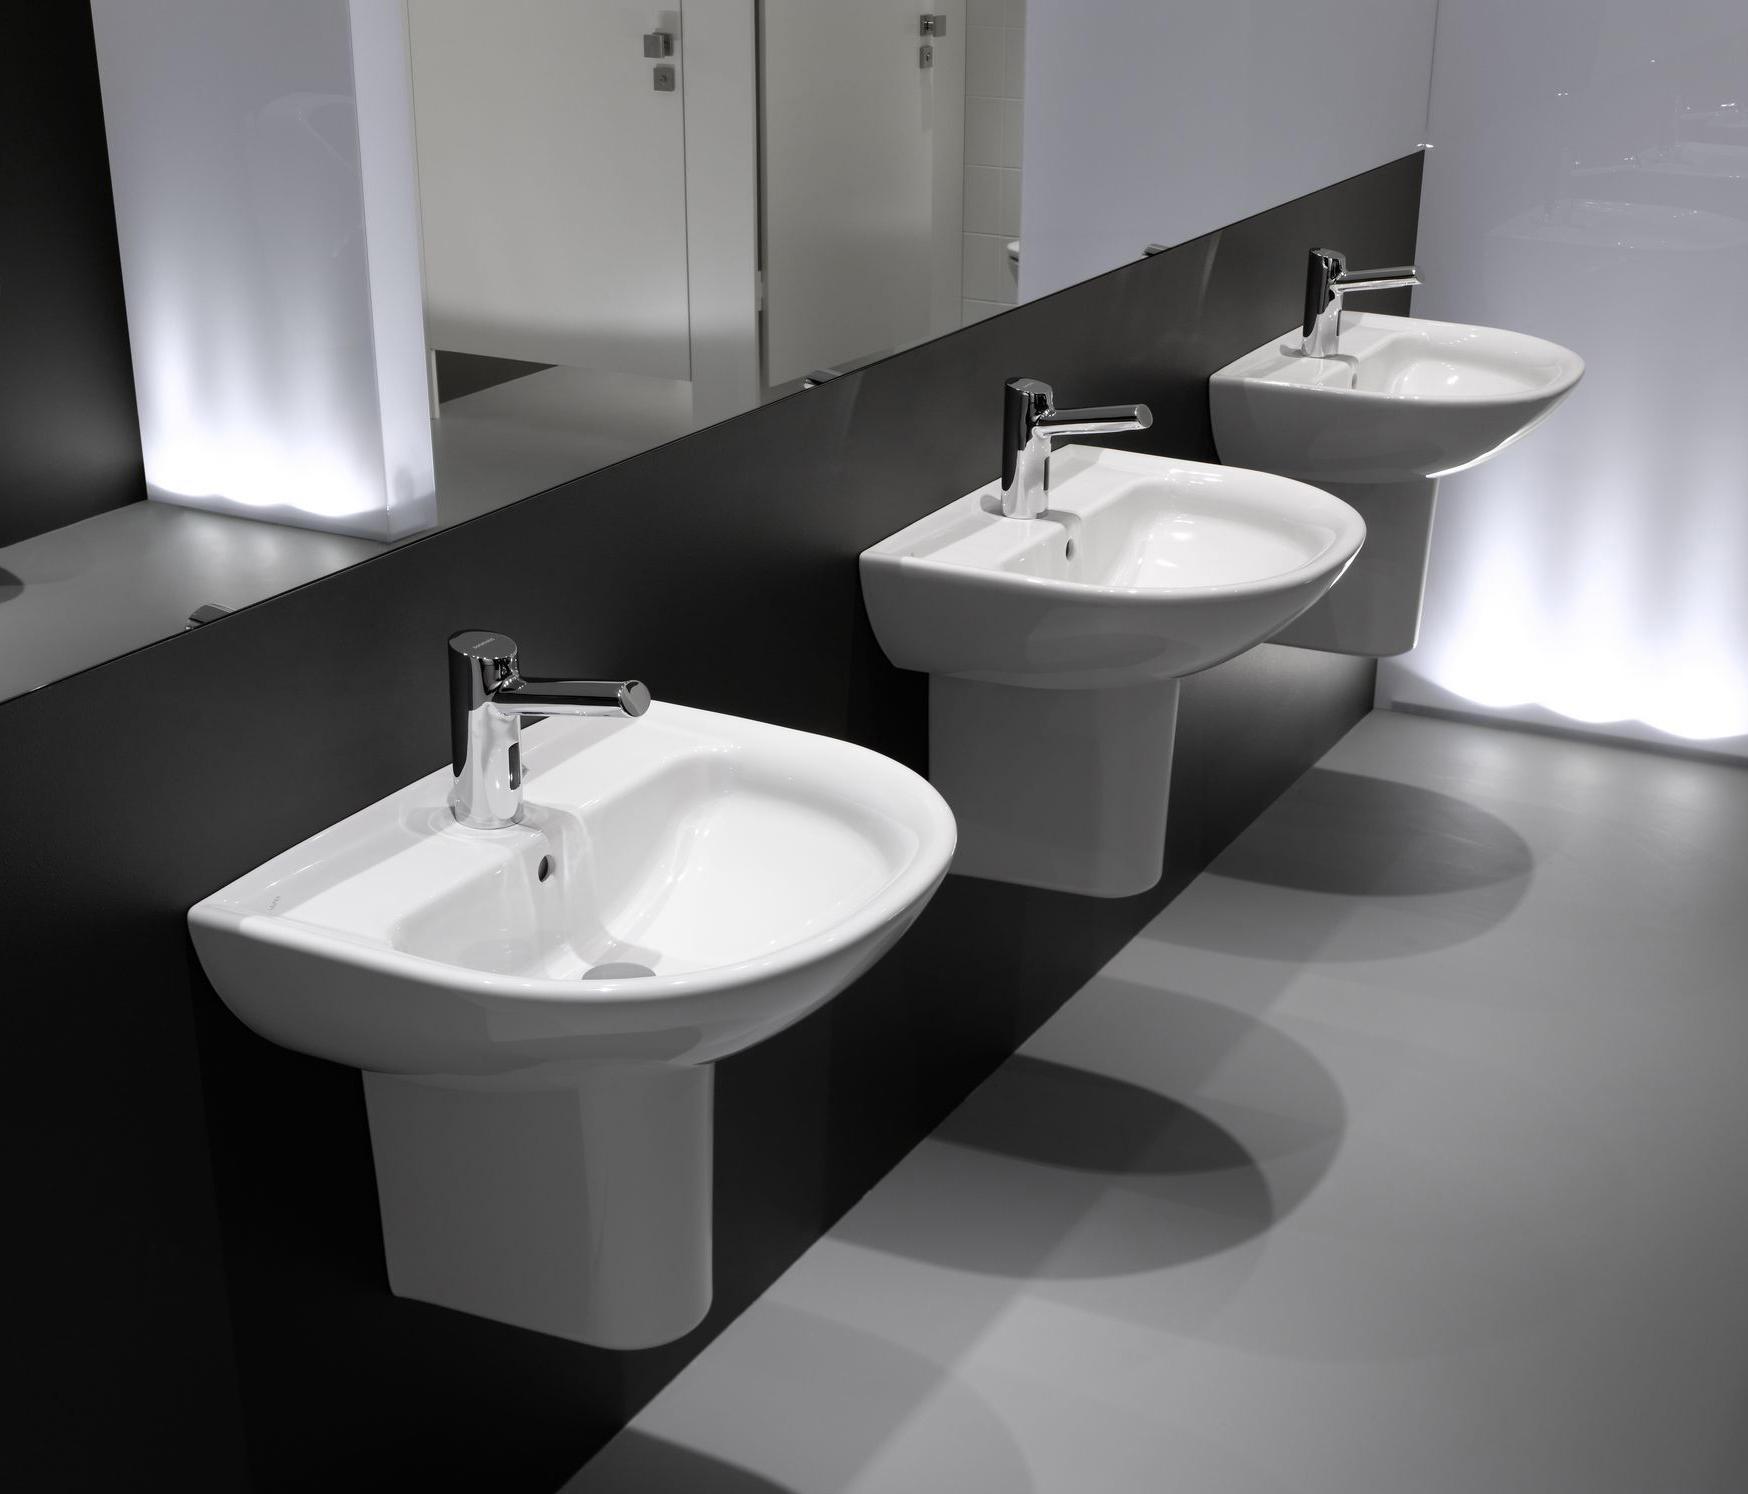 laufen pro b waschtisch waschtische von laufen architonic. Black Bedroom Furniture Sets. Home Design Ideas